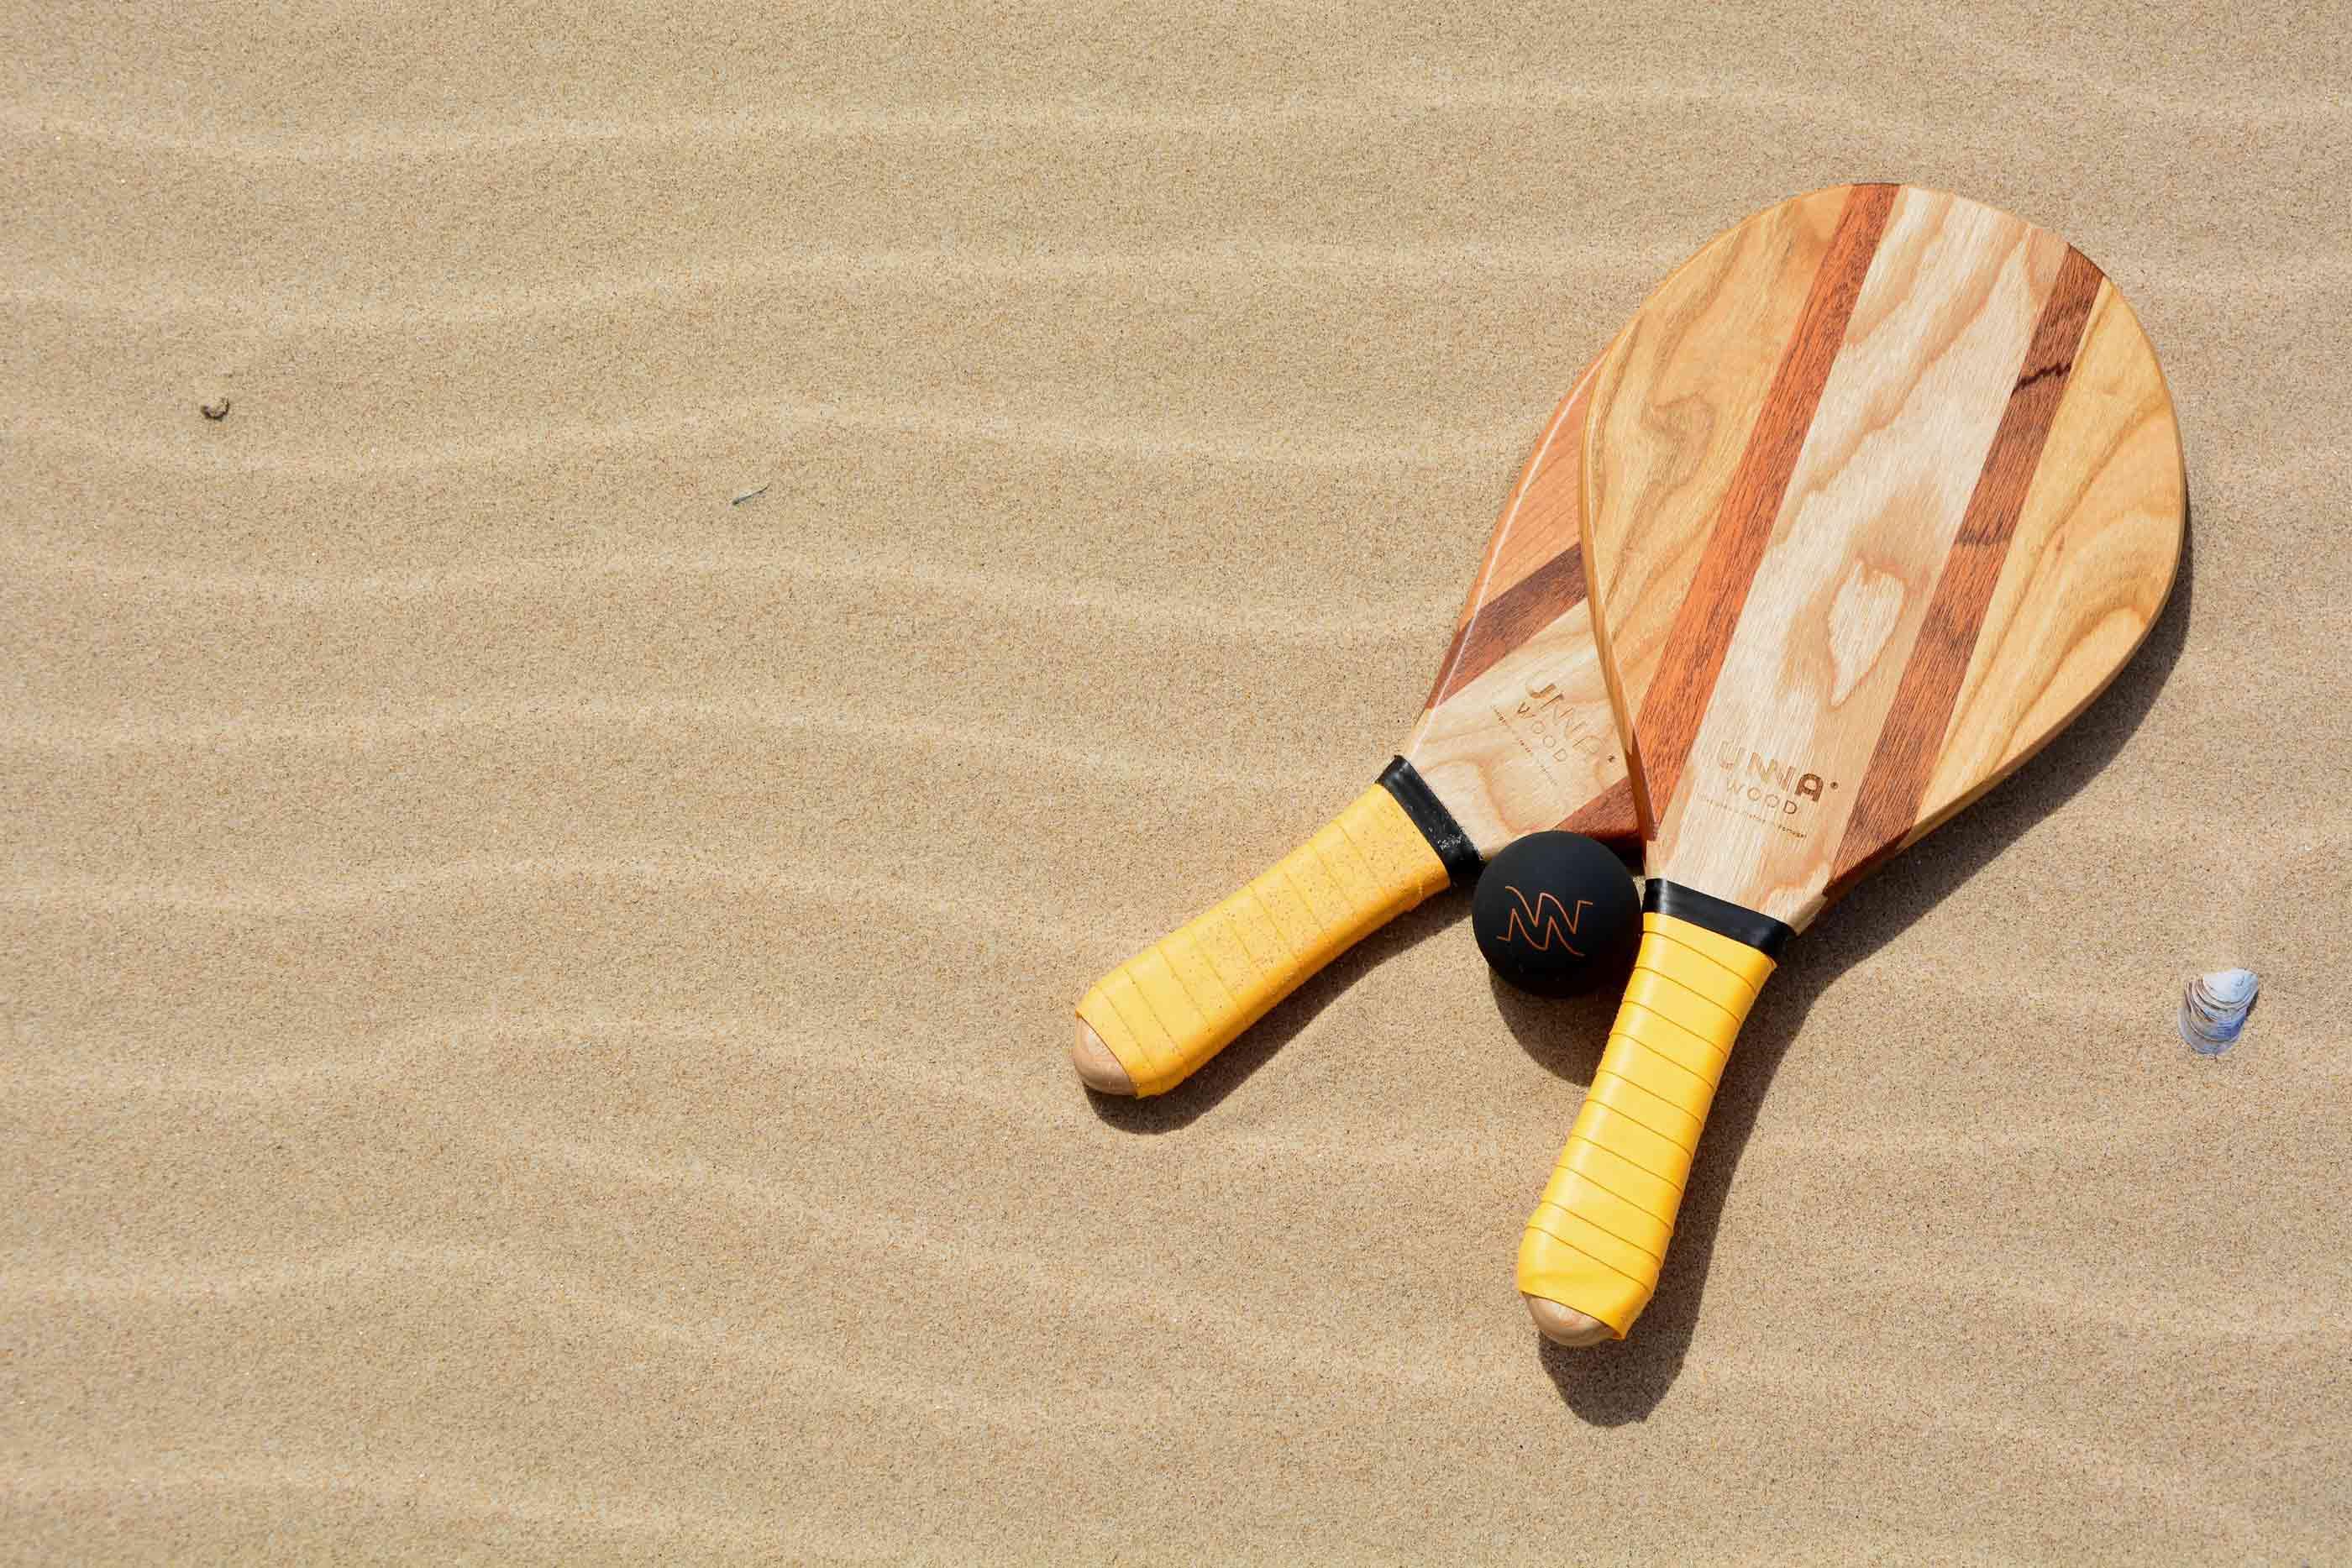 Duas raquetes de praia e uma bola preta pousadas no areal de um praia